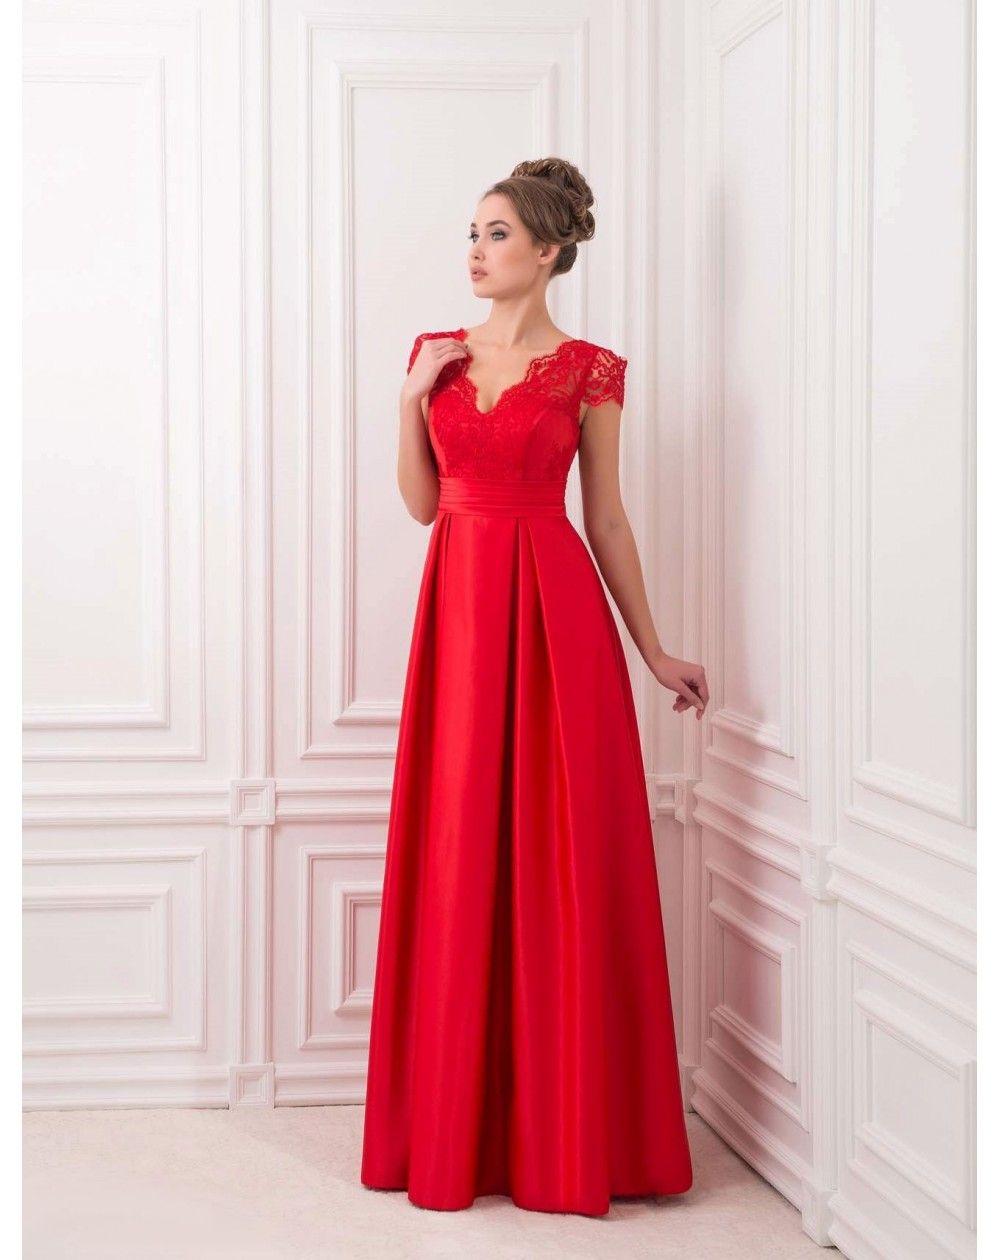 bfdba0bf976d Dlhé večerné šaty so saténocou sukňou. Zvršok z čipky s Večkovým výstrihom  na dekolte i na chrbte. Šaty červenej a kráľovsky modrej farby.